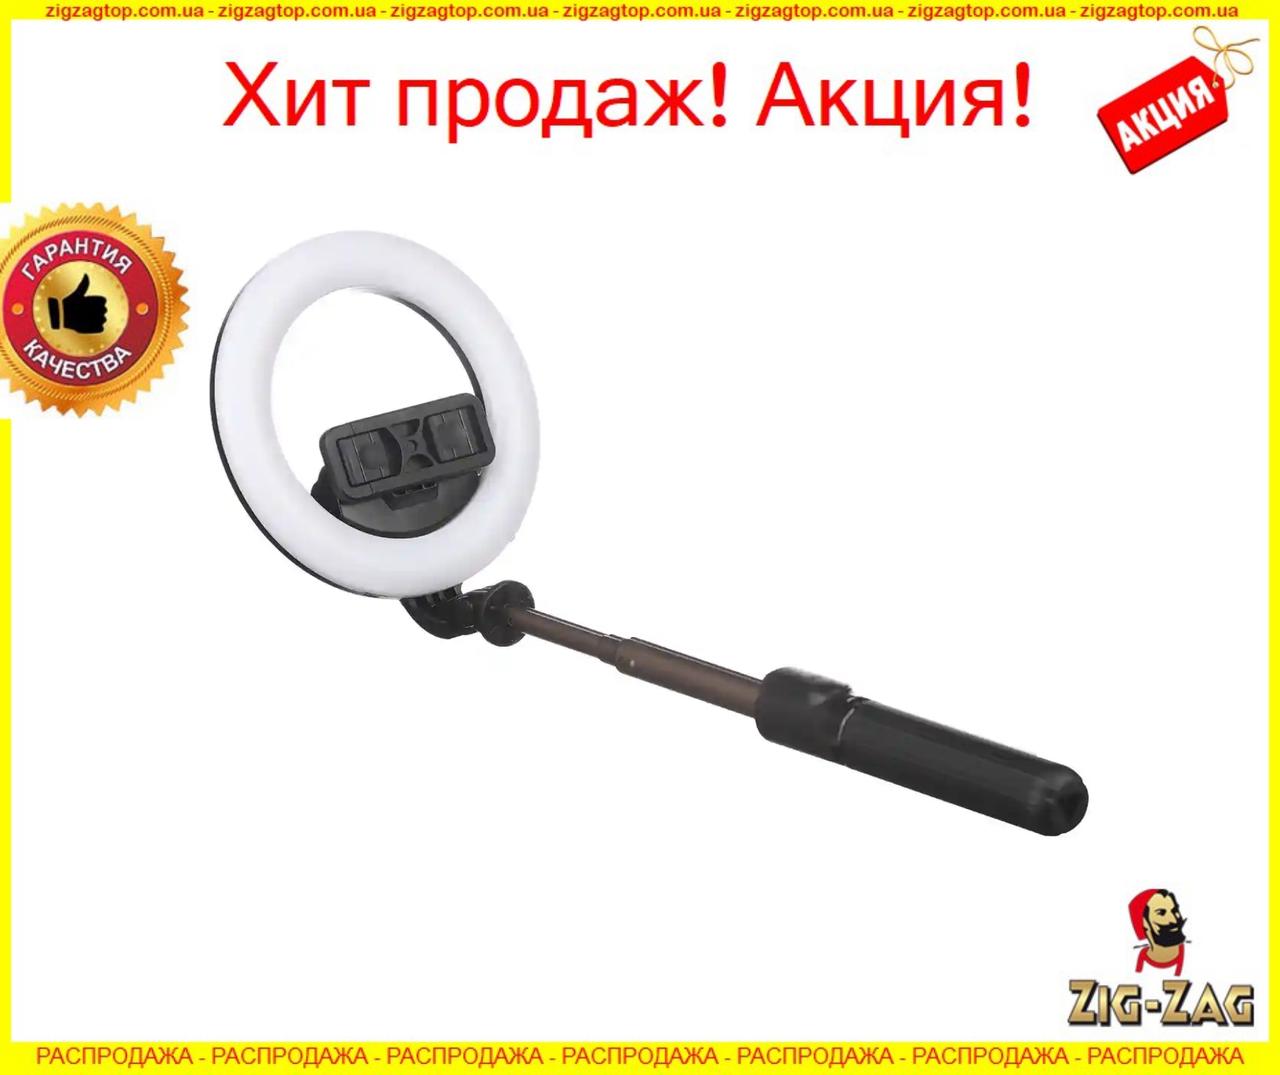 Кільцева лампа Selfie Stick 16 діаметр Телефону на Тринозі L07 7332 селфи з Пультом Tripod на Штативі